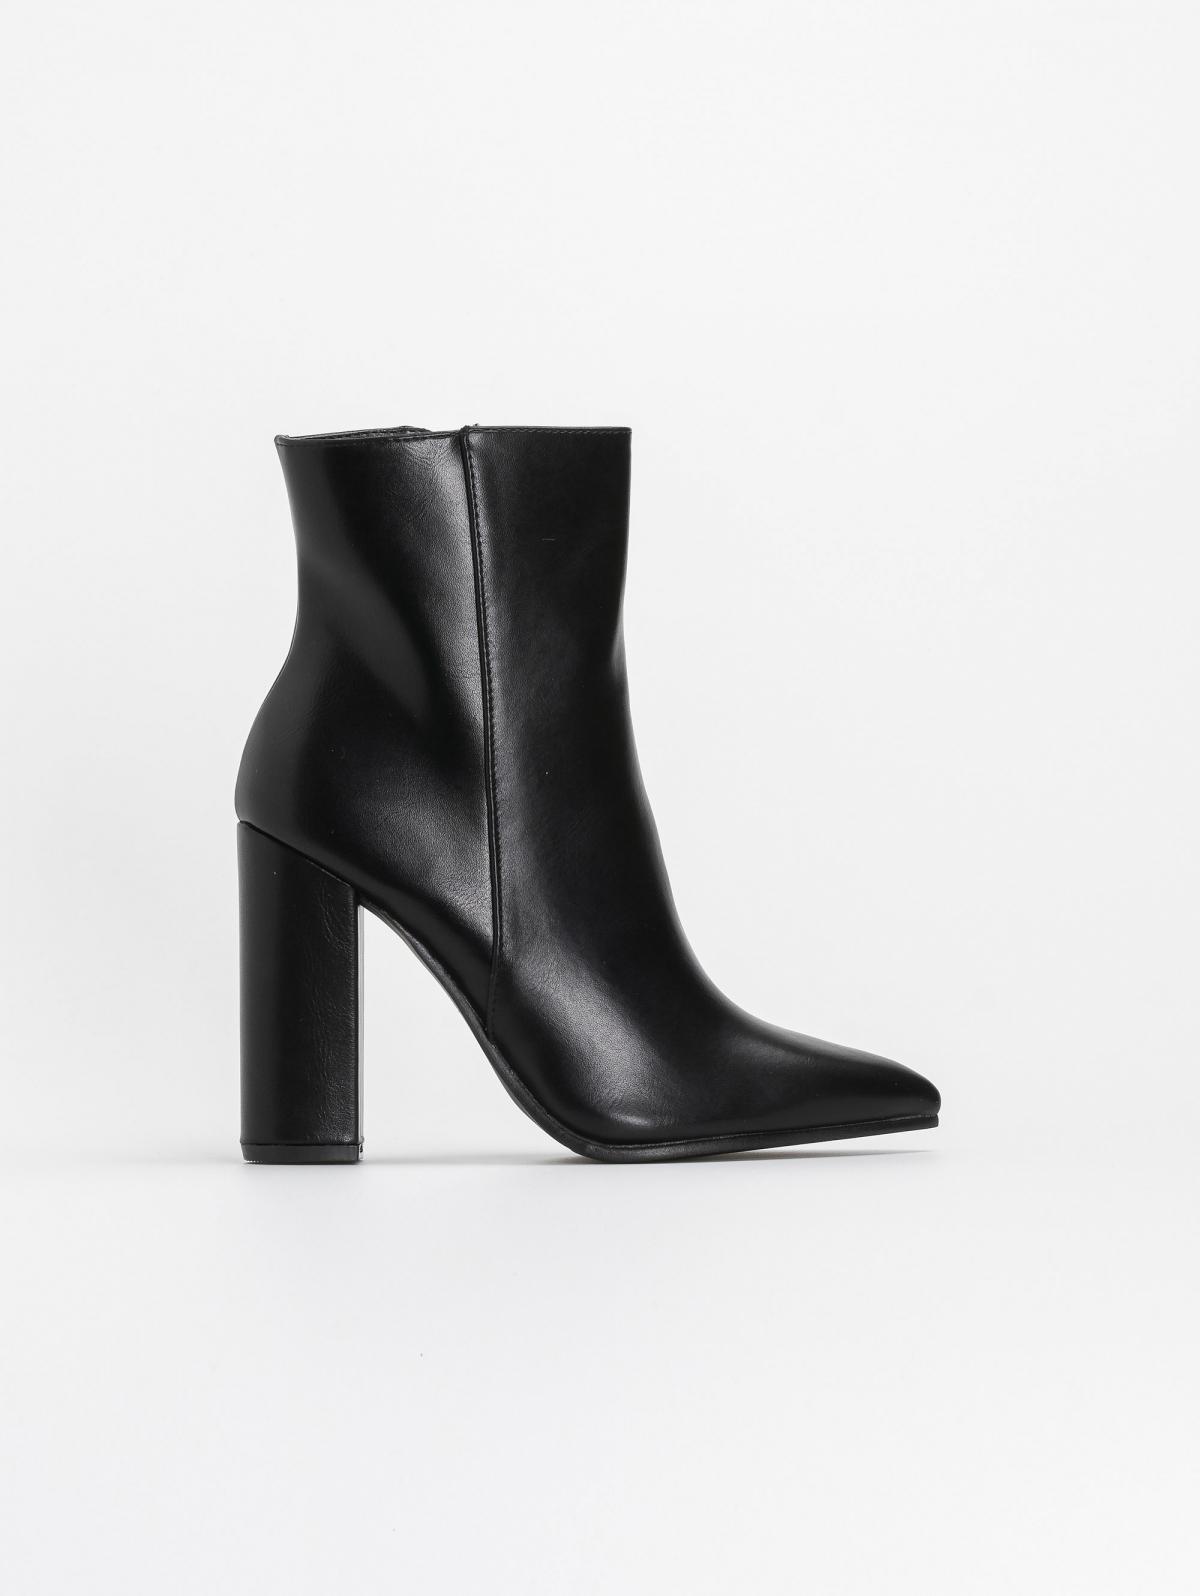 Μυτερά block heel μποτάκια με κάθετη ραφή - Μαύρο